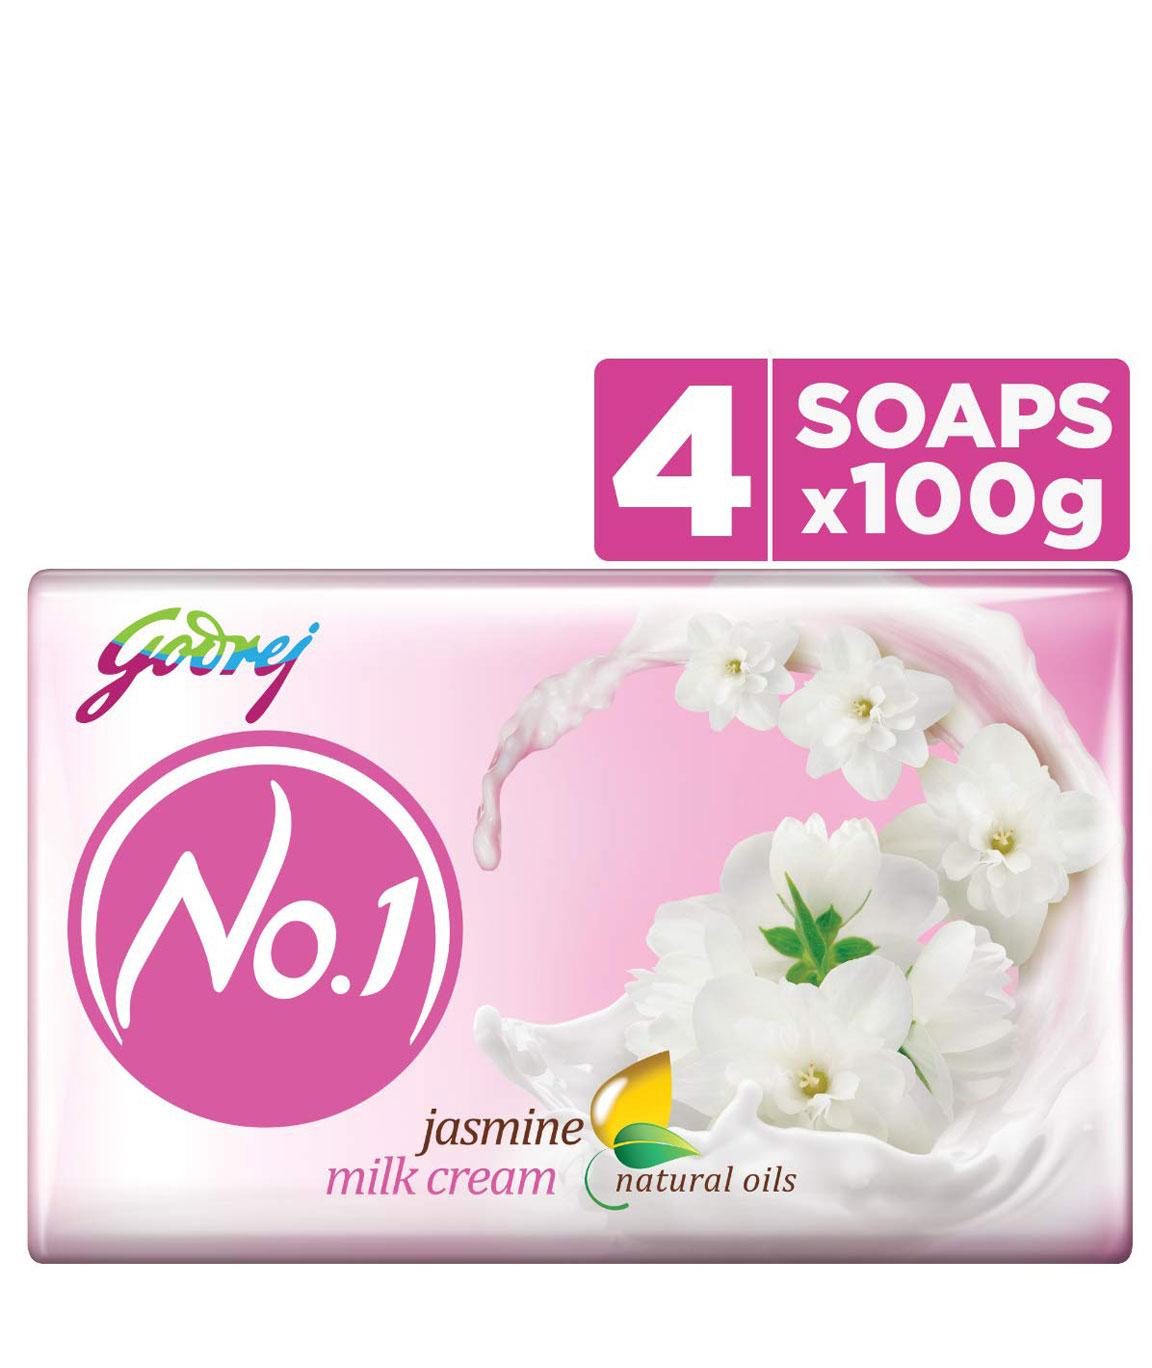 Godrej No.1 Bathing Soap  Jasmine, 100g (Pack of 4)